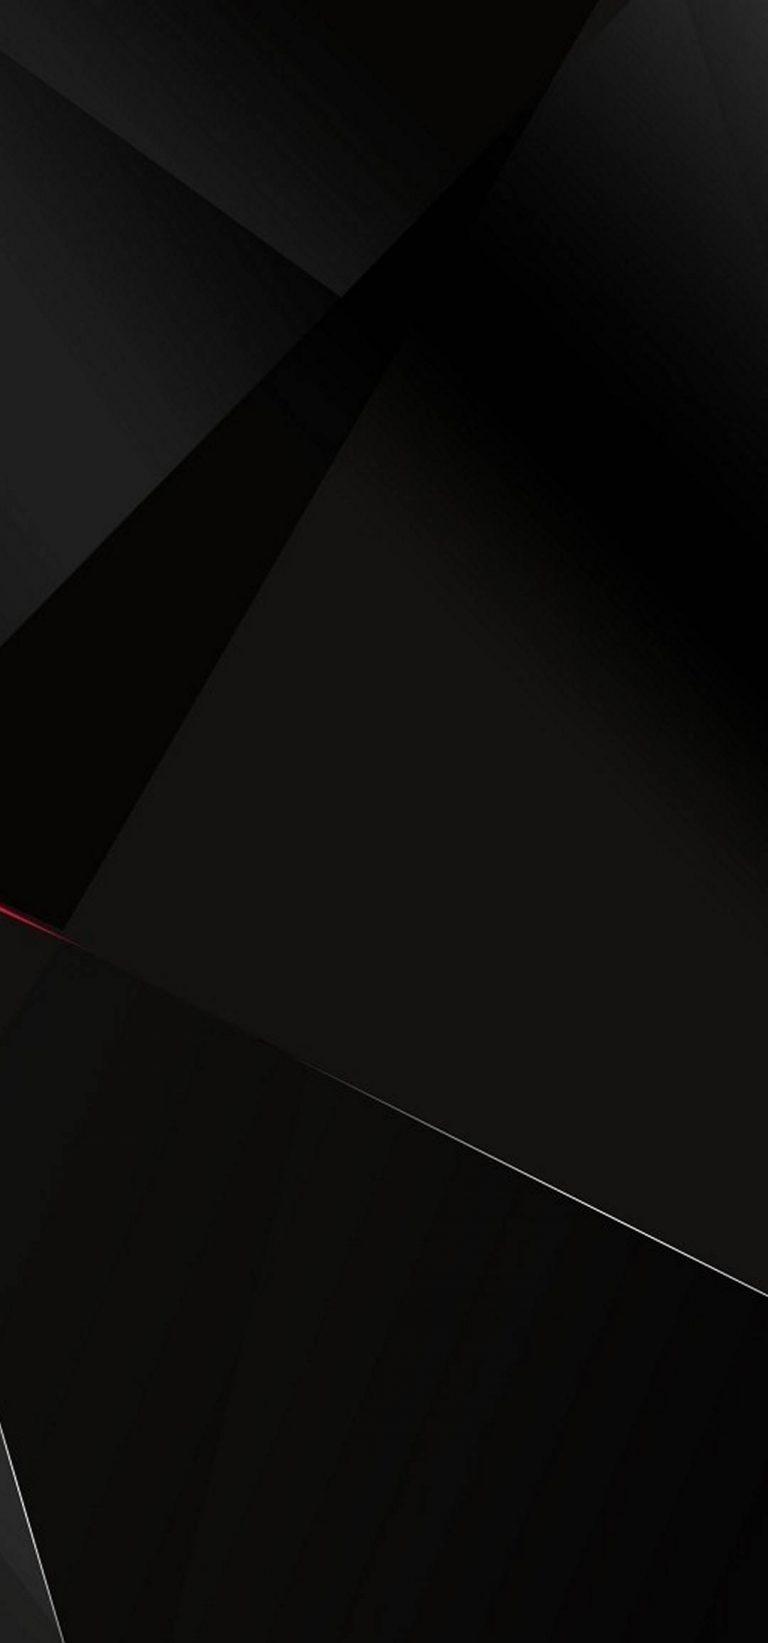 1080x2310 Wallpaper 053 768x1643